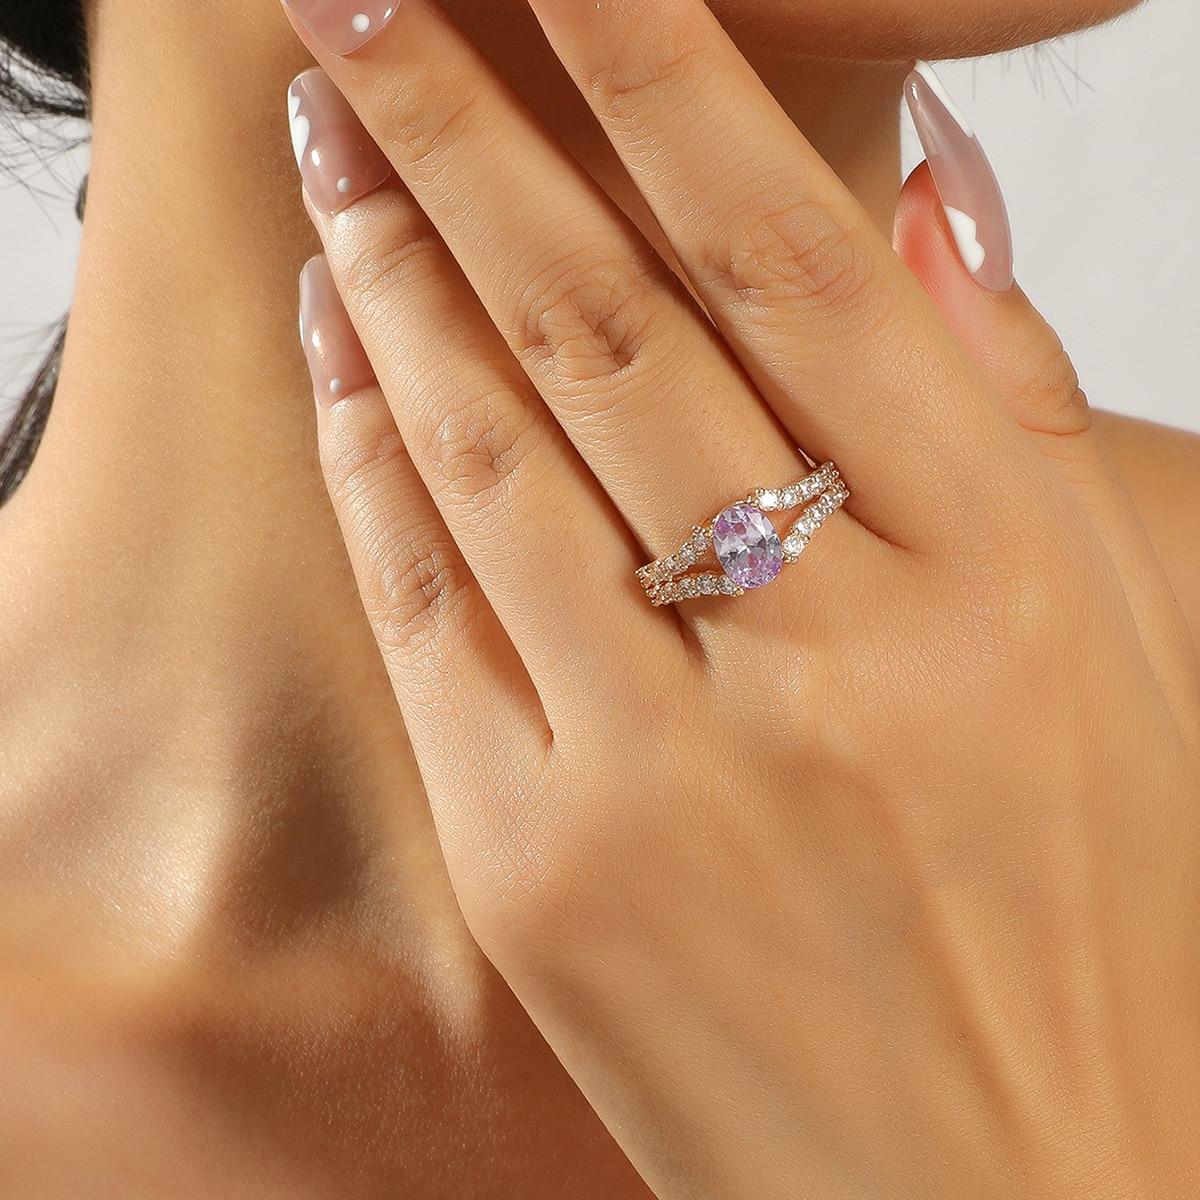 18K Позолоченное кольцо с цирконом